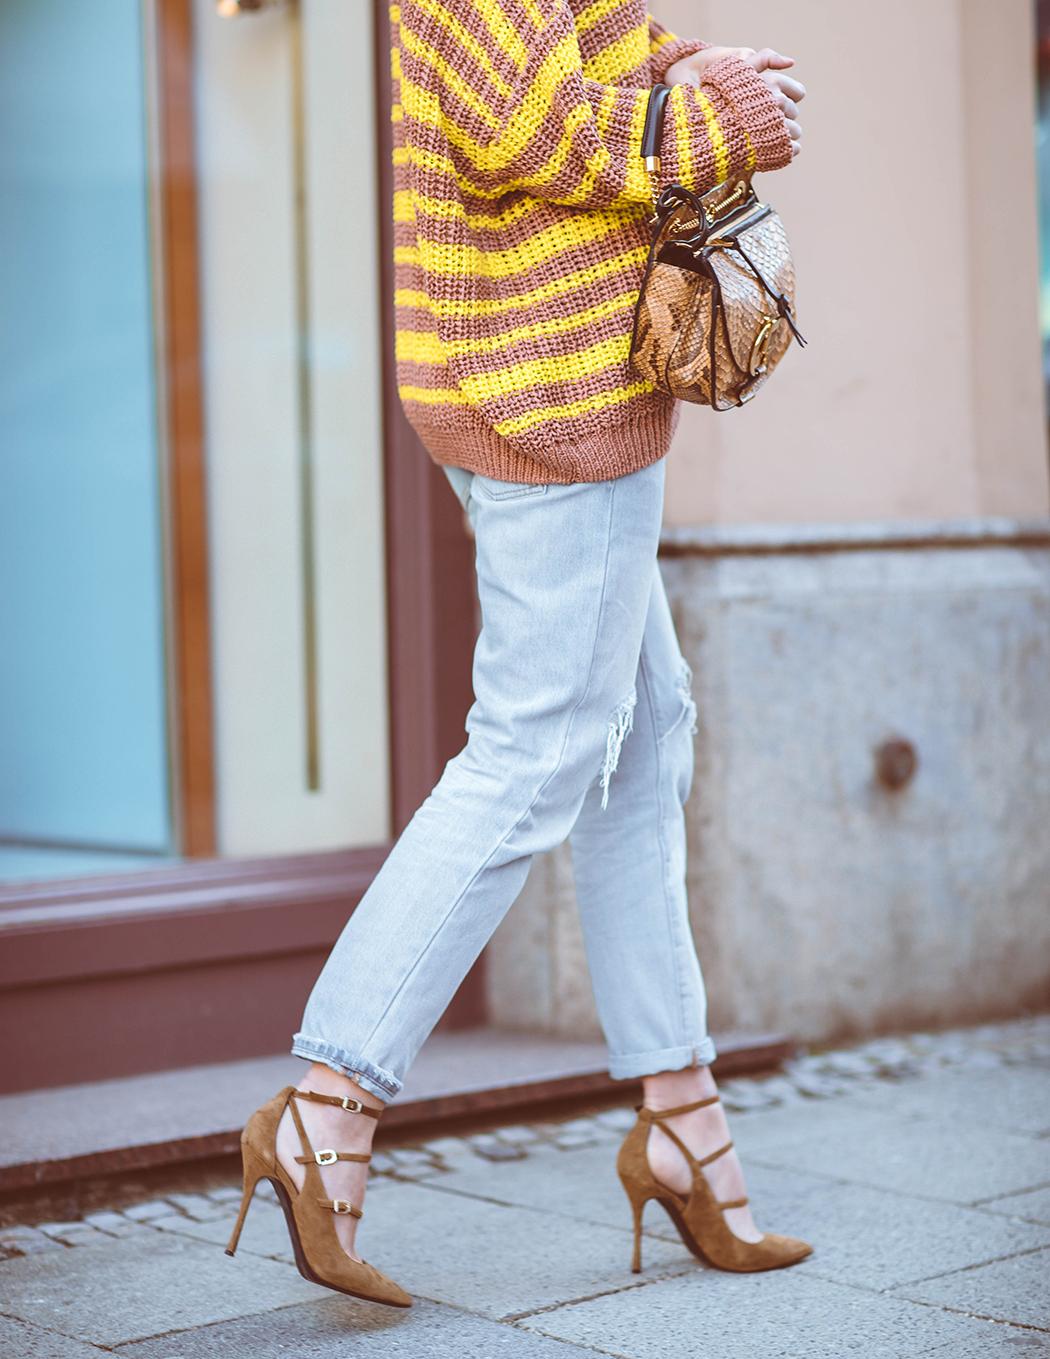 Fashionblog-Fashionblogger-Fashion-Blog-Blogger-Muenchen-Deutschland-American-Vintage-gelb-Lindarella-5-web